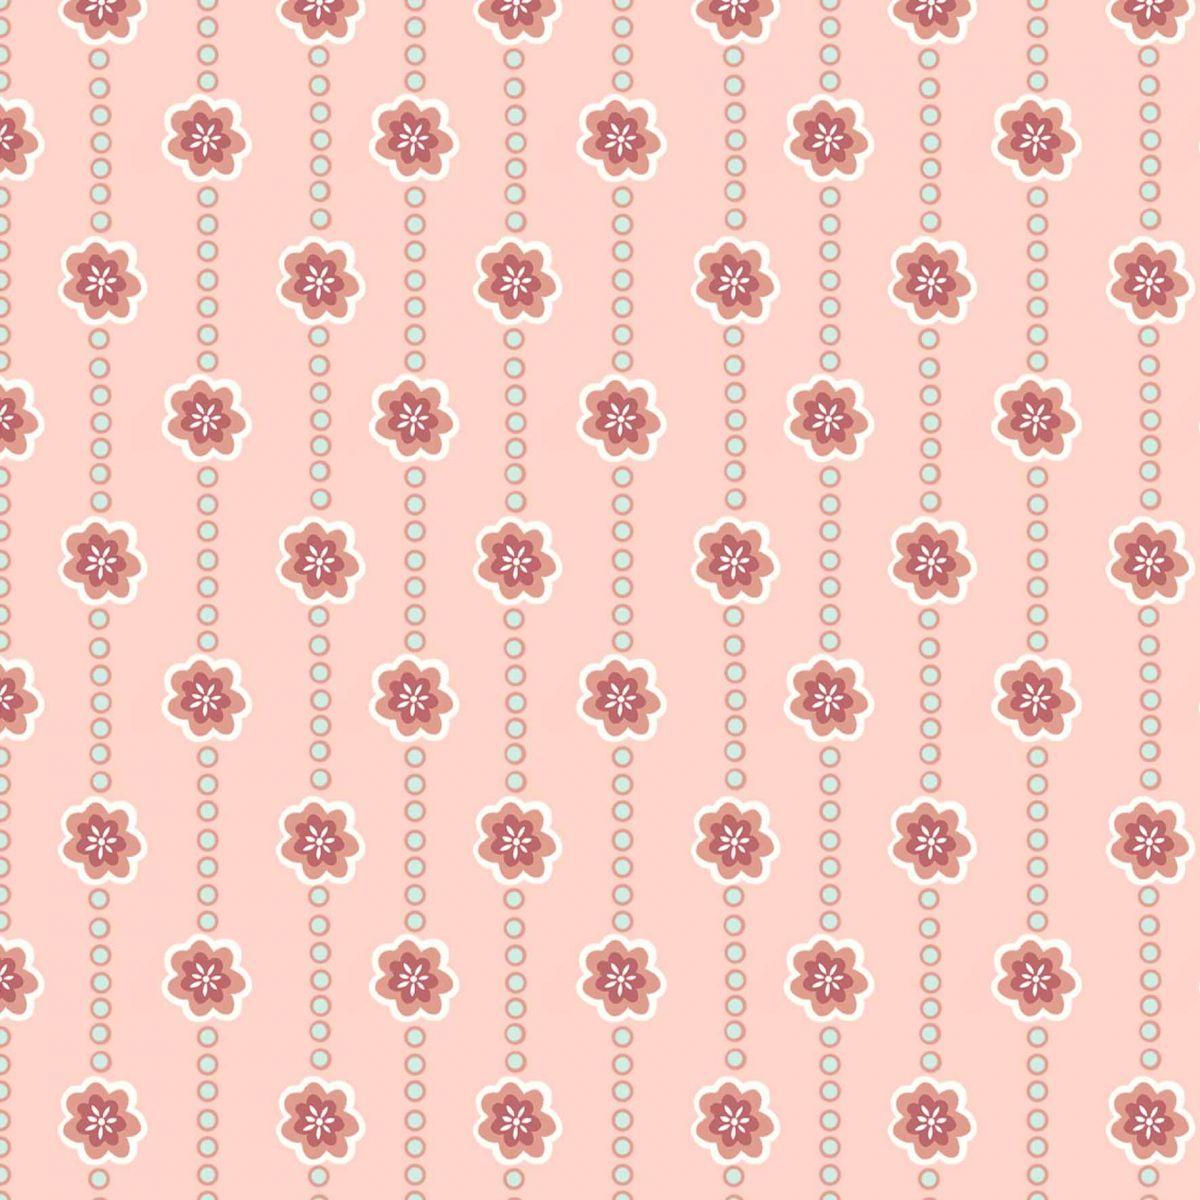 Tecido Flores e Faixas  - Tecidos Digitais